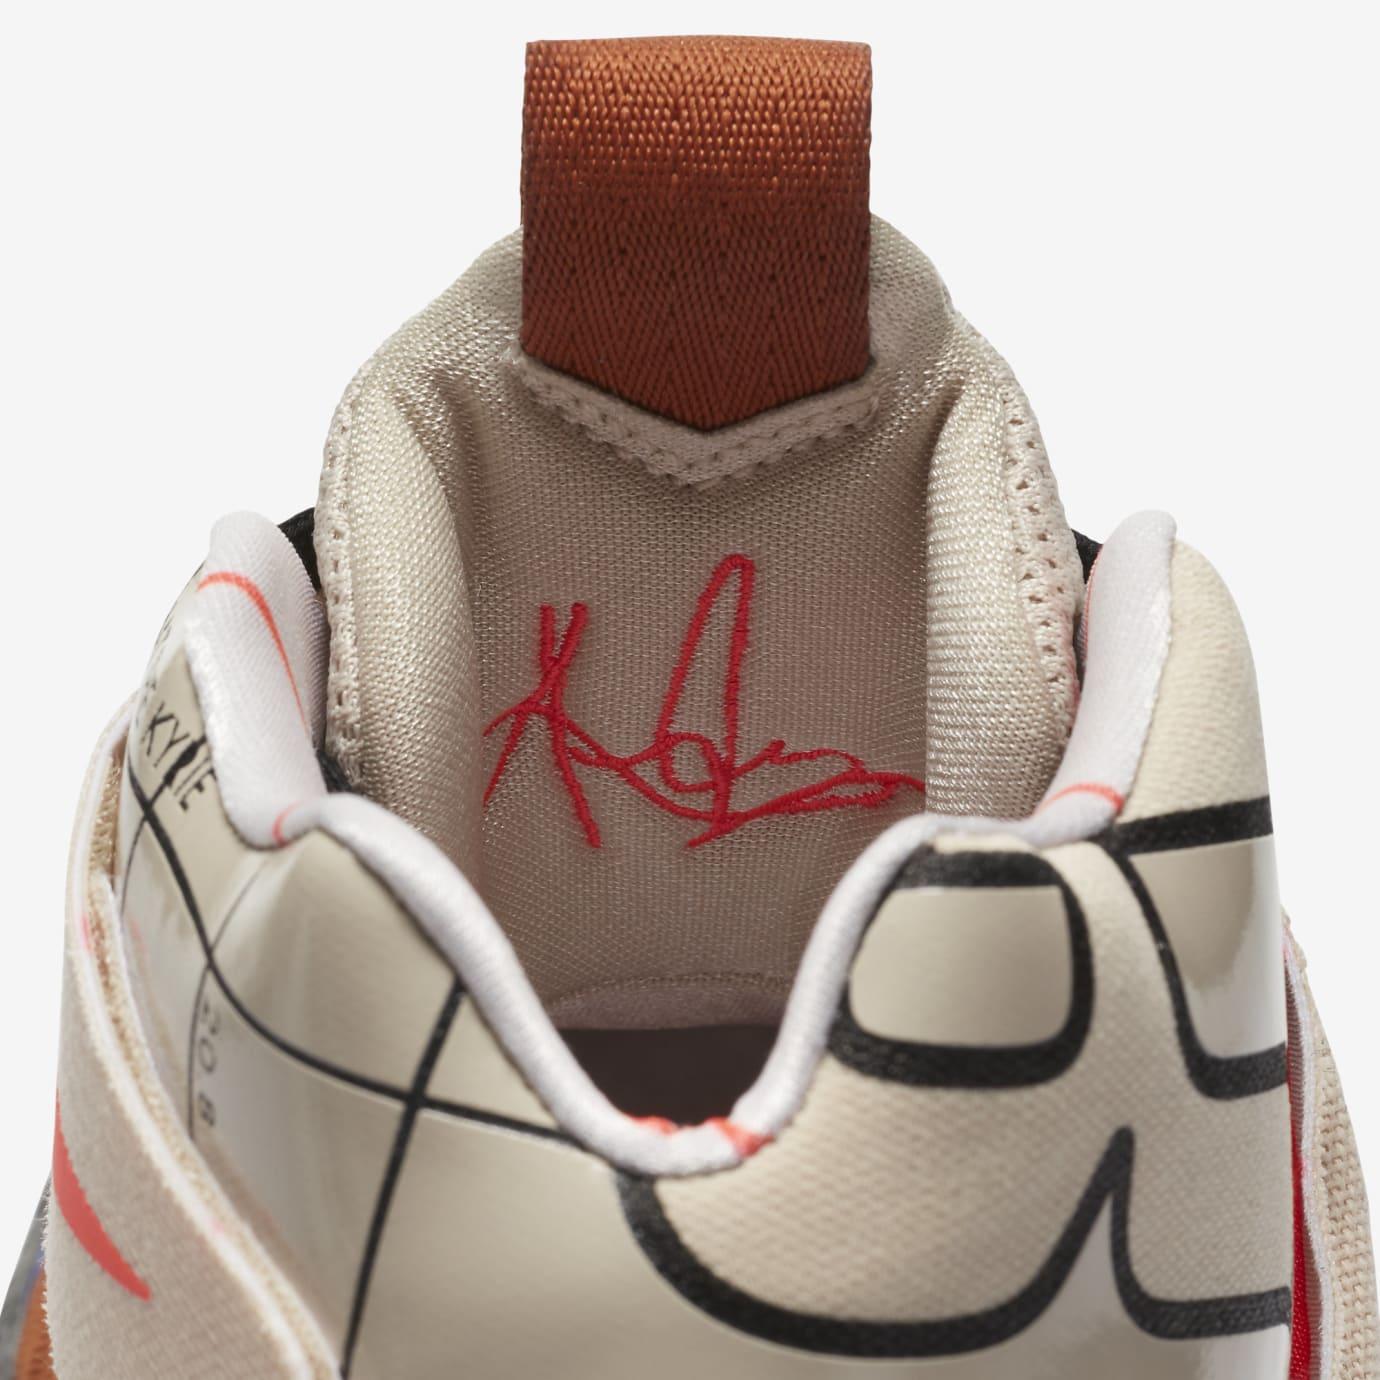 Nike Kyrie Hybrid AJ5165-900 Inside Tongue